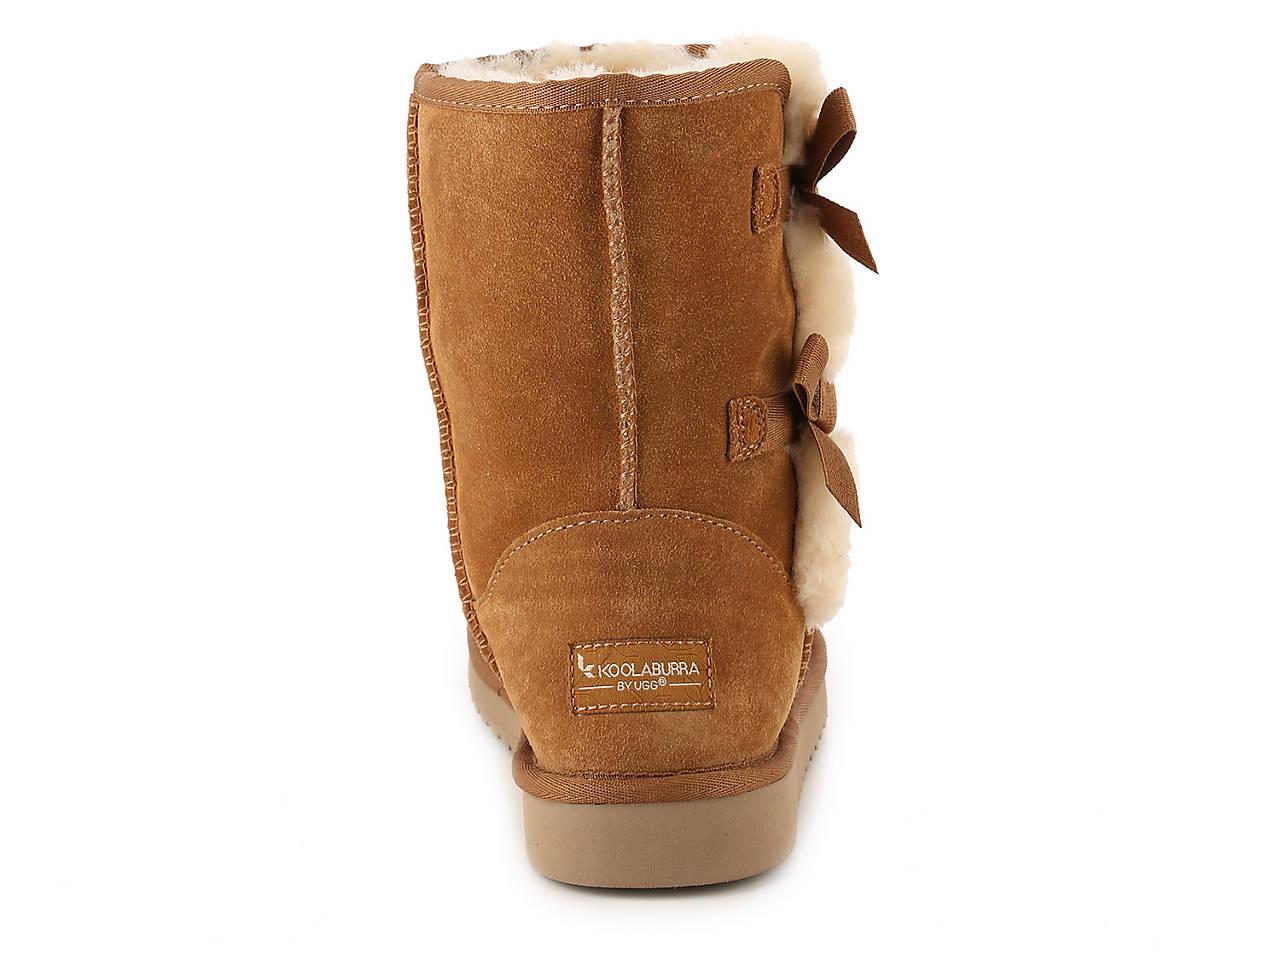 Koolaburra by UGG pour Victoria Short femmes Bootie Chaussures pour femmes Koolaburra | db16ac3 - freemetalalbums.info